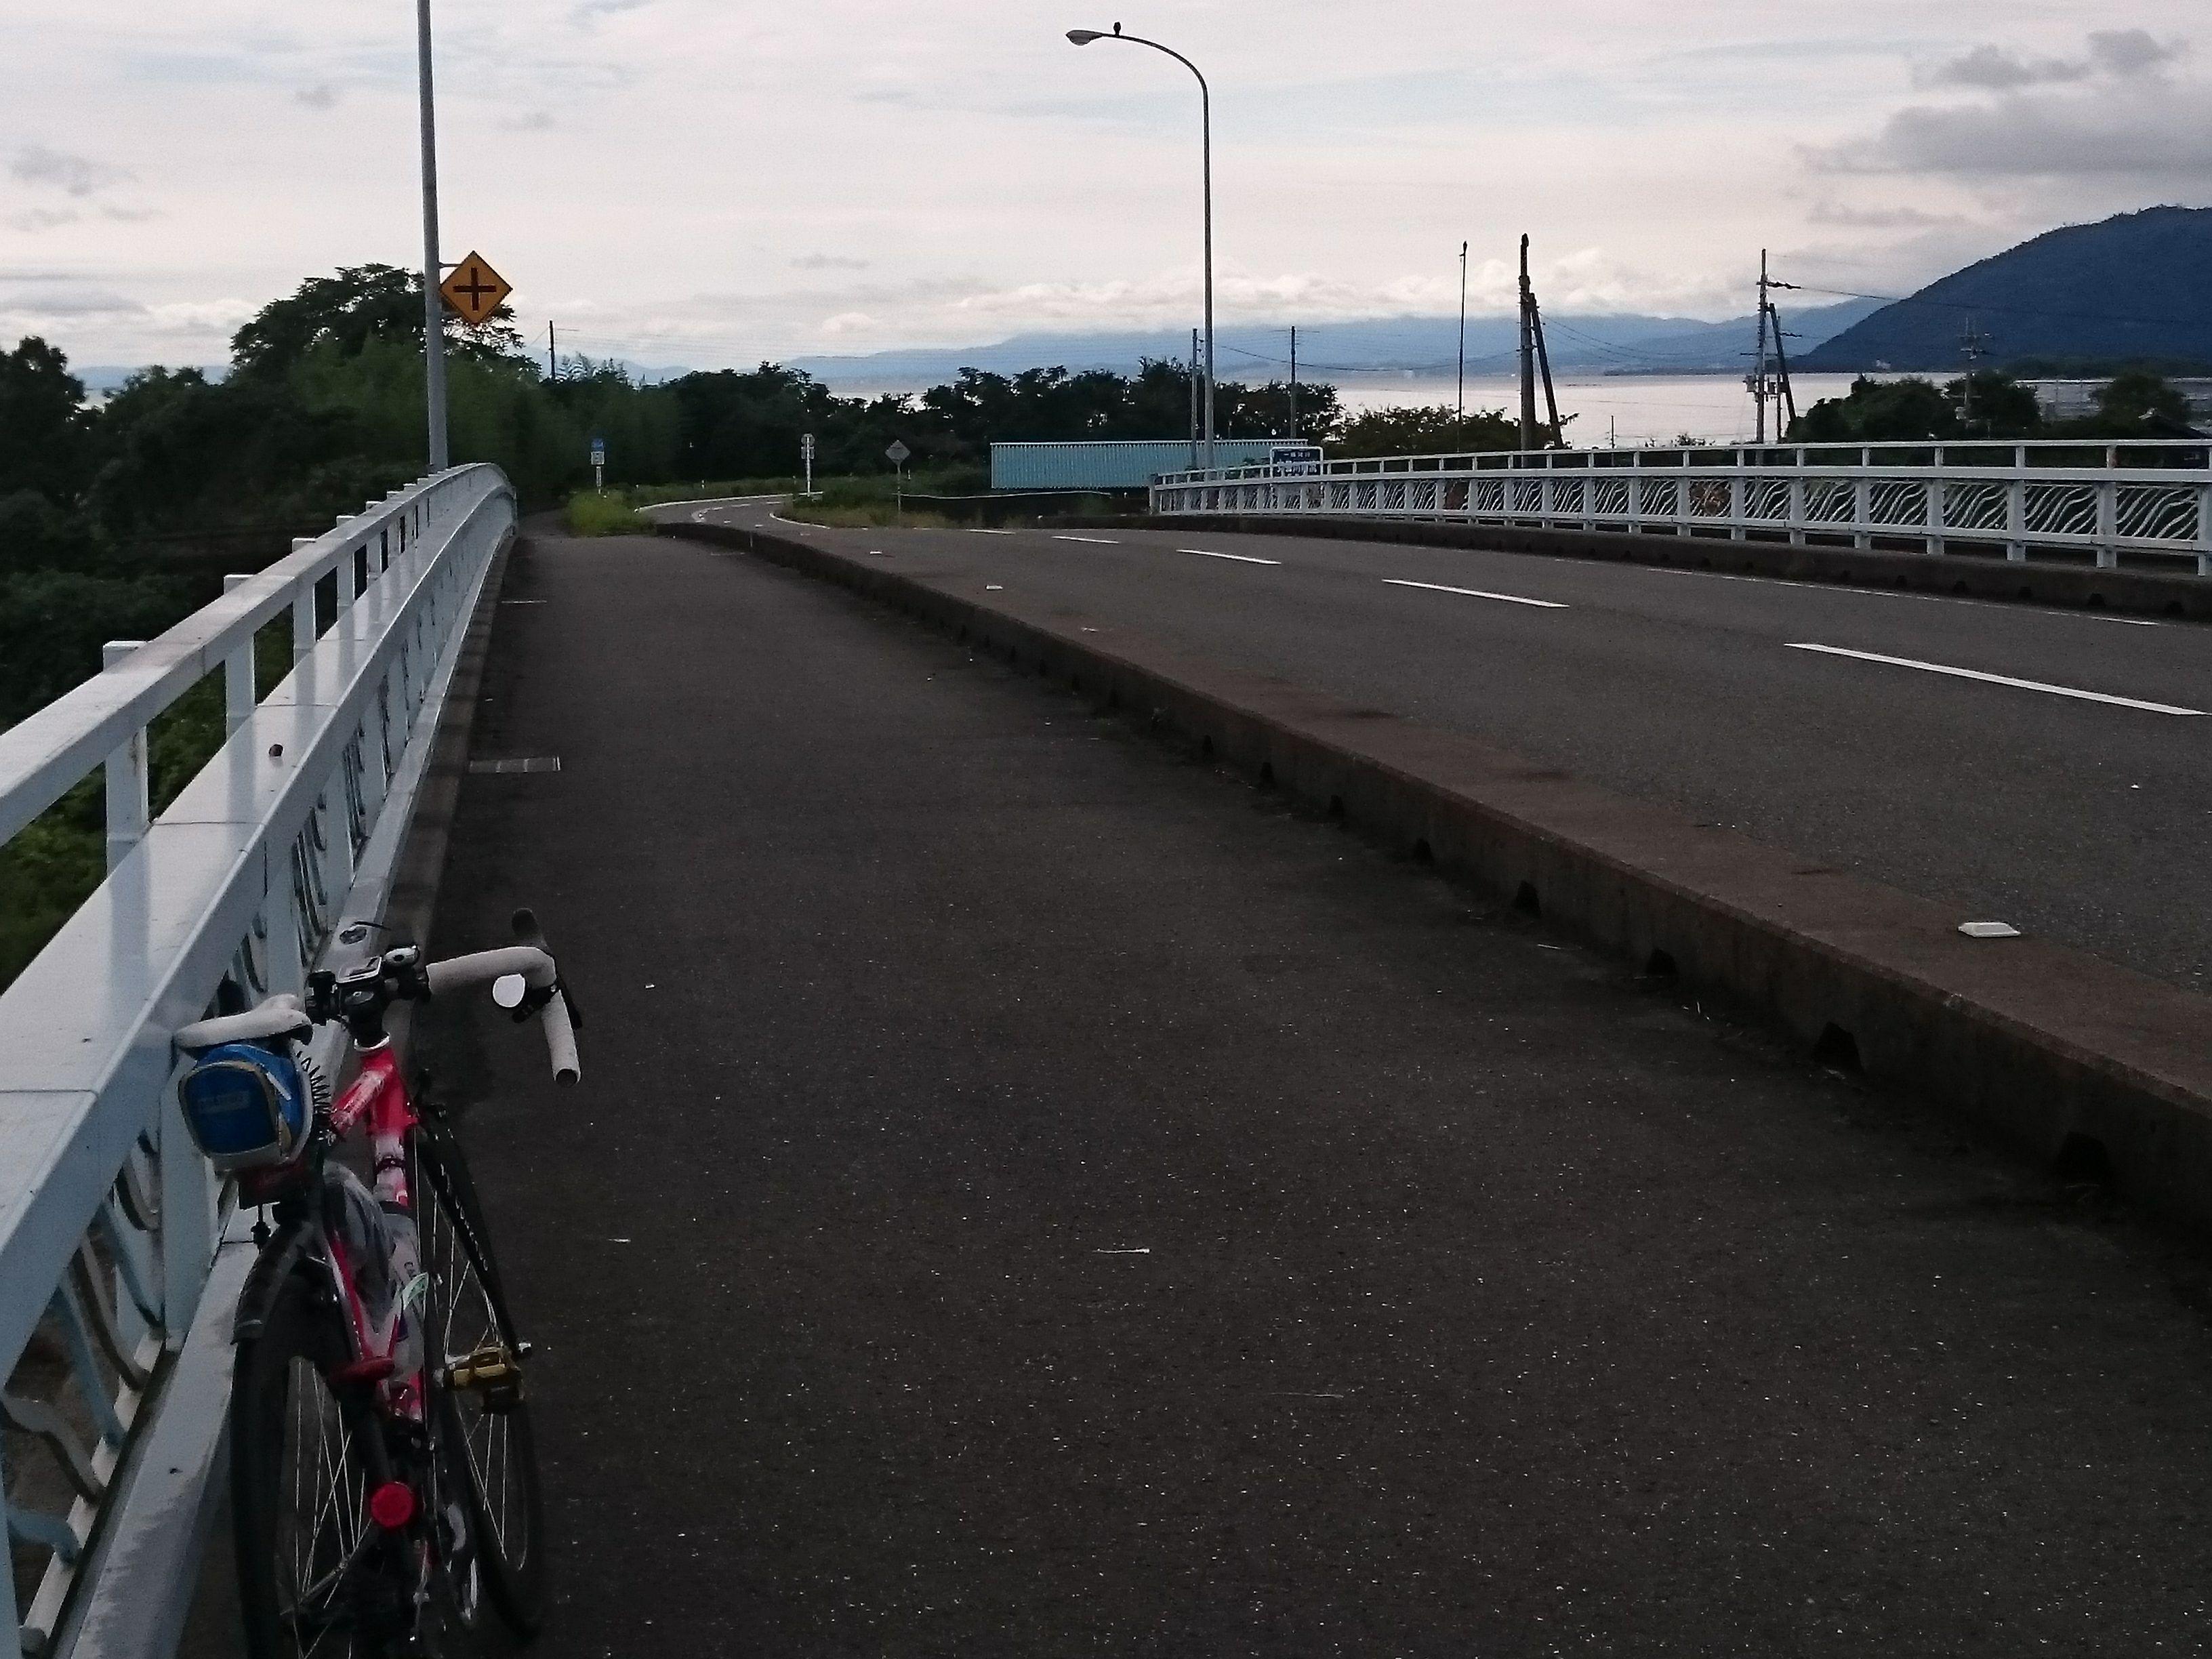 http://ayu2.com/Bicycle/bicphoto/161001%E3%83%93%E3%83%AF%E3%82%A4%E3%83%81048.jpg